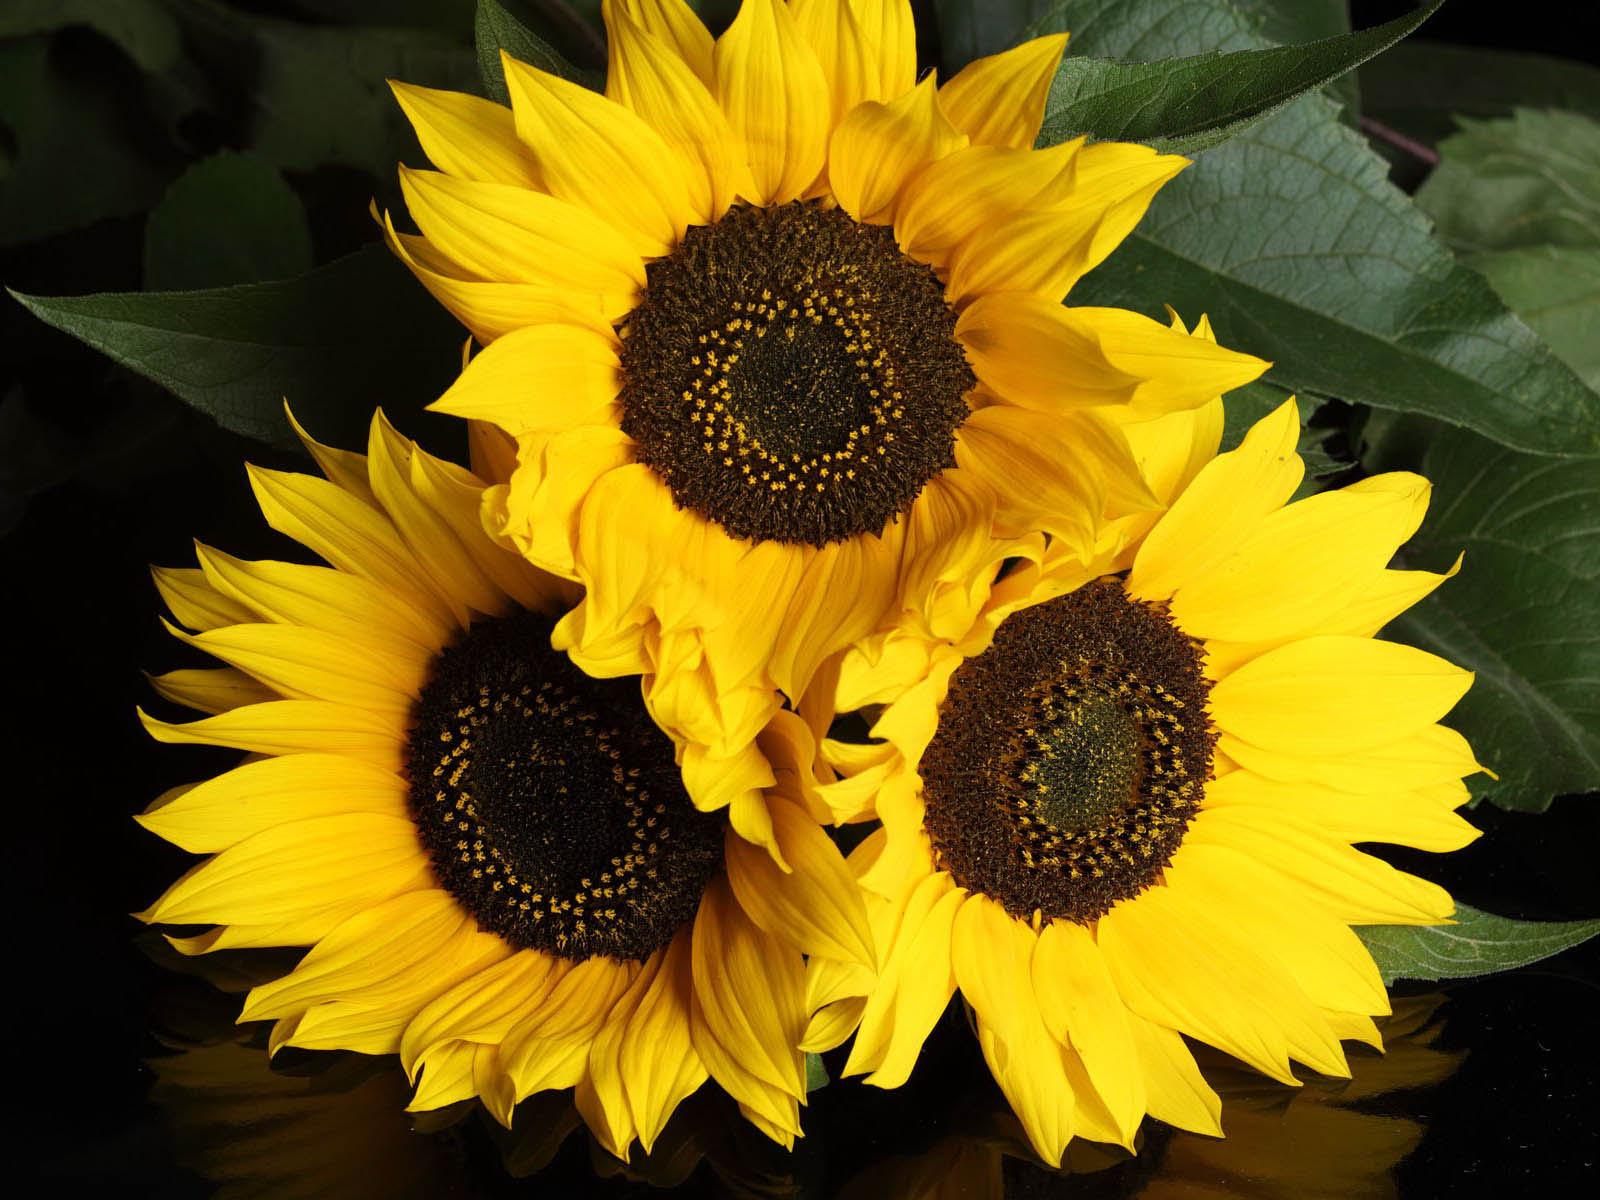 Desktop Wallpapers Sunflowers Desktop Wallpapers